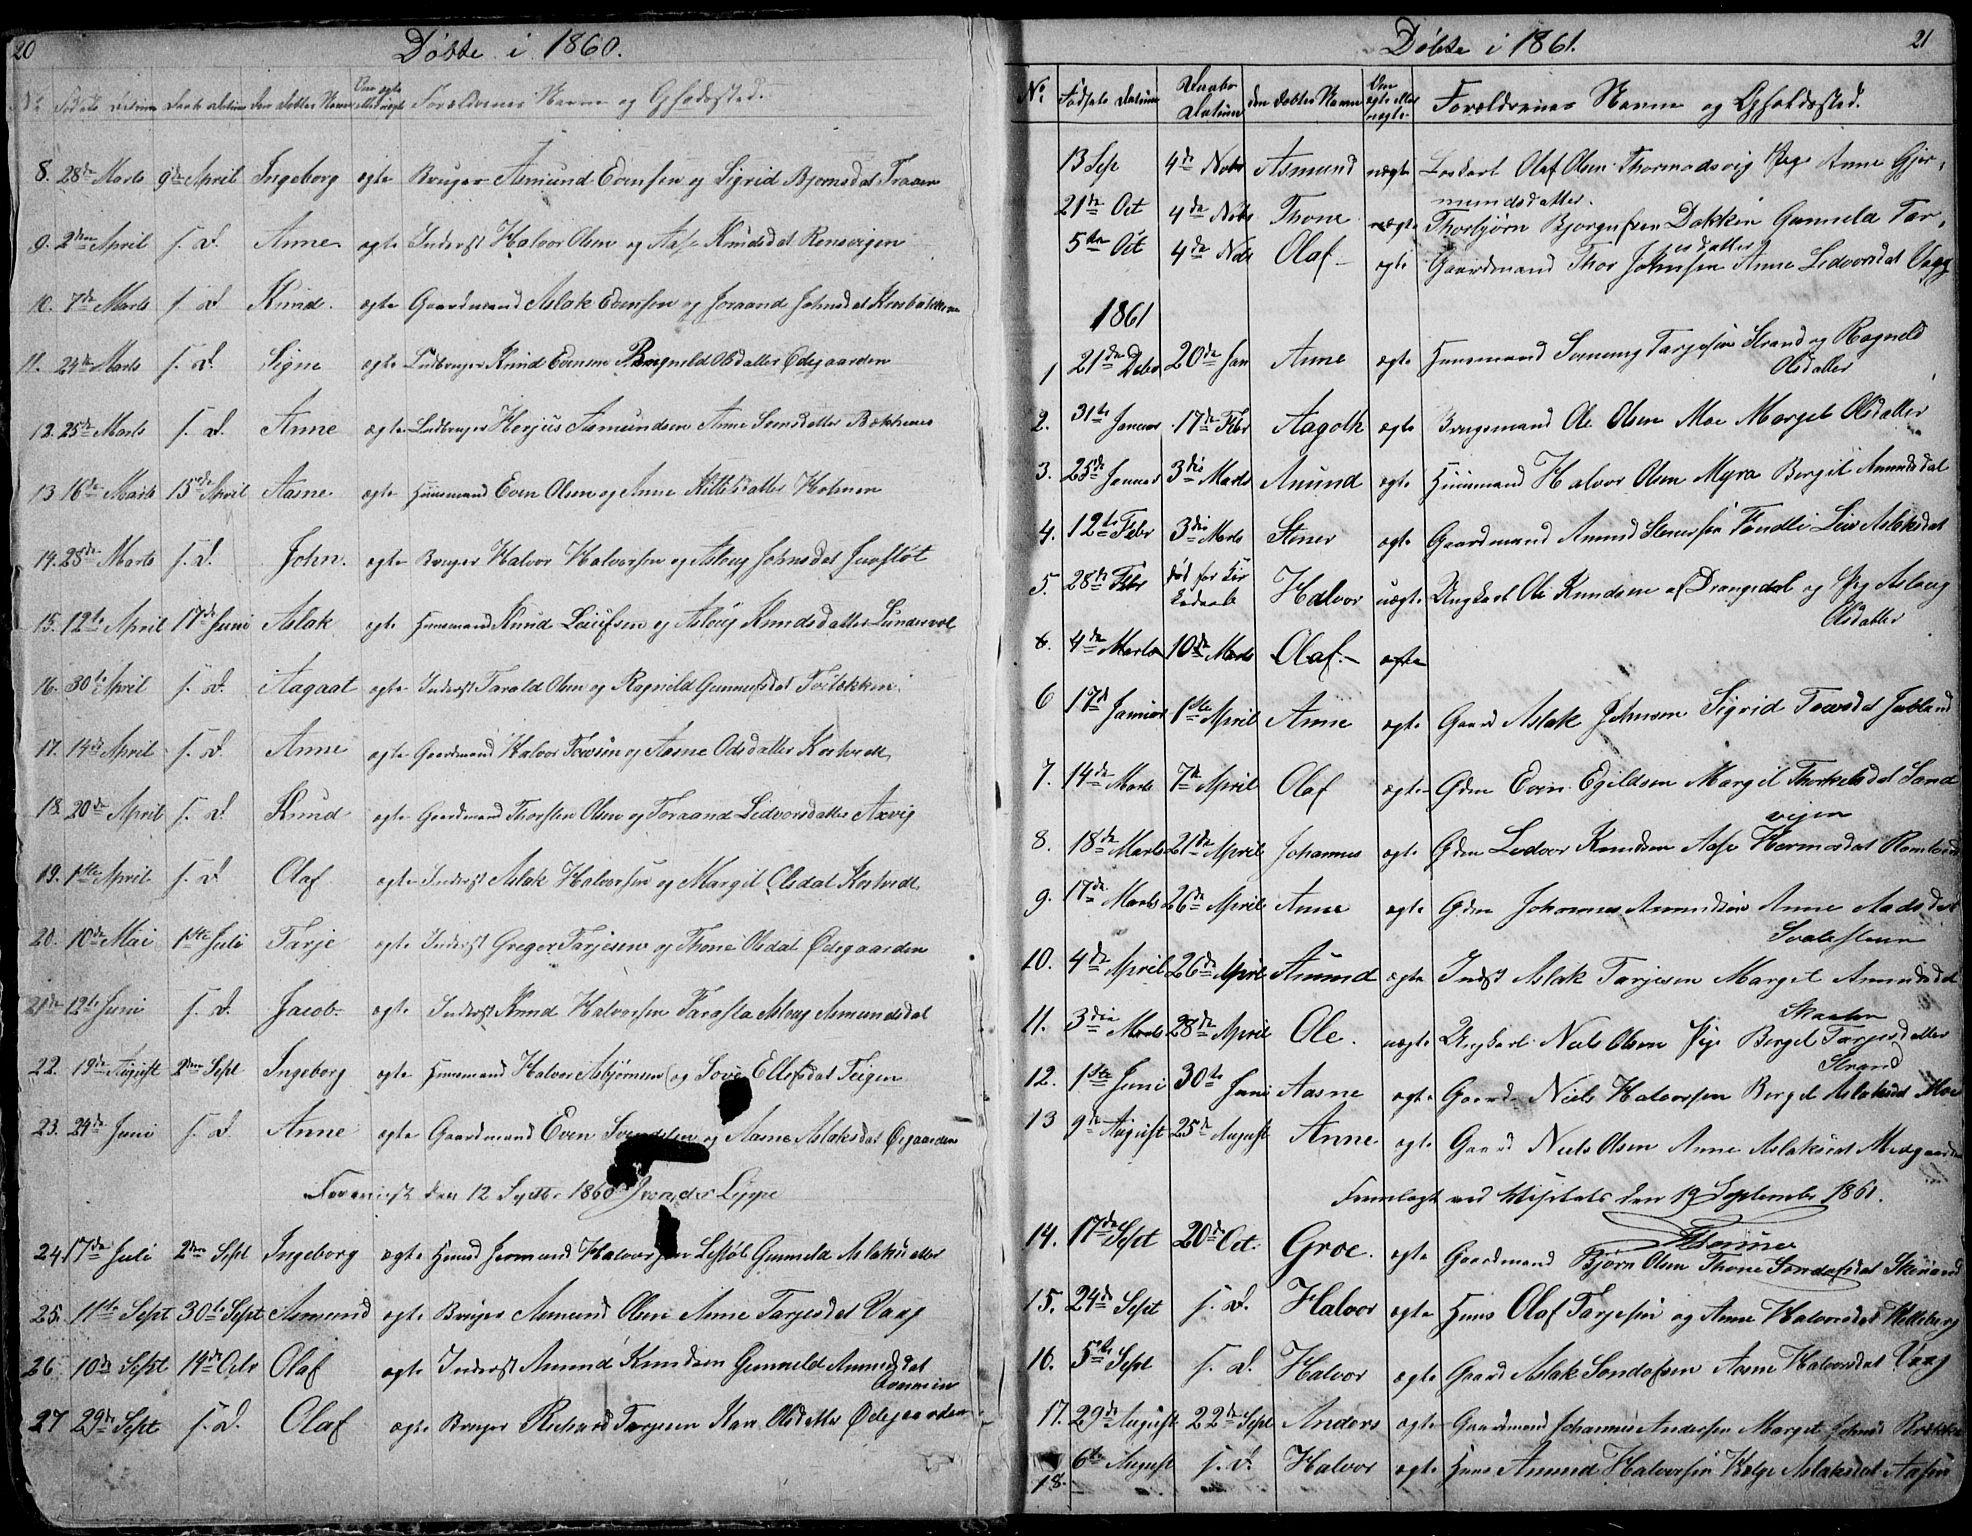 SAKO, Rauland kirkebøker, G/Ga/L0002: Klokkerbok nr. I 2, 1849-1935, s. 20-21